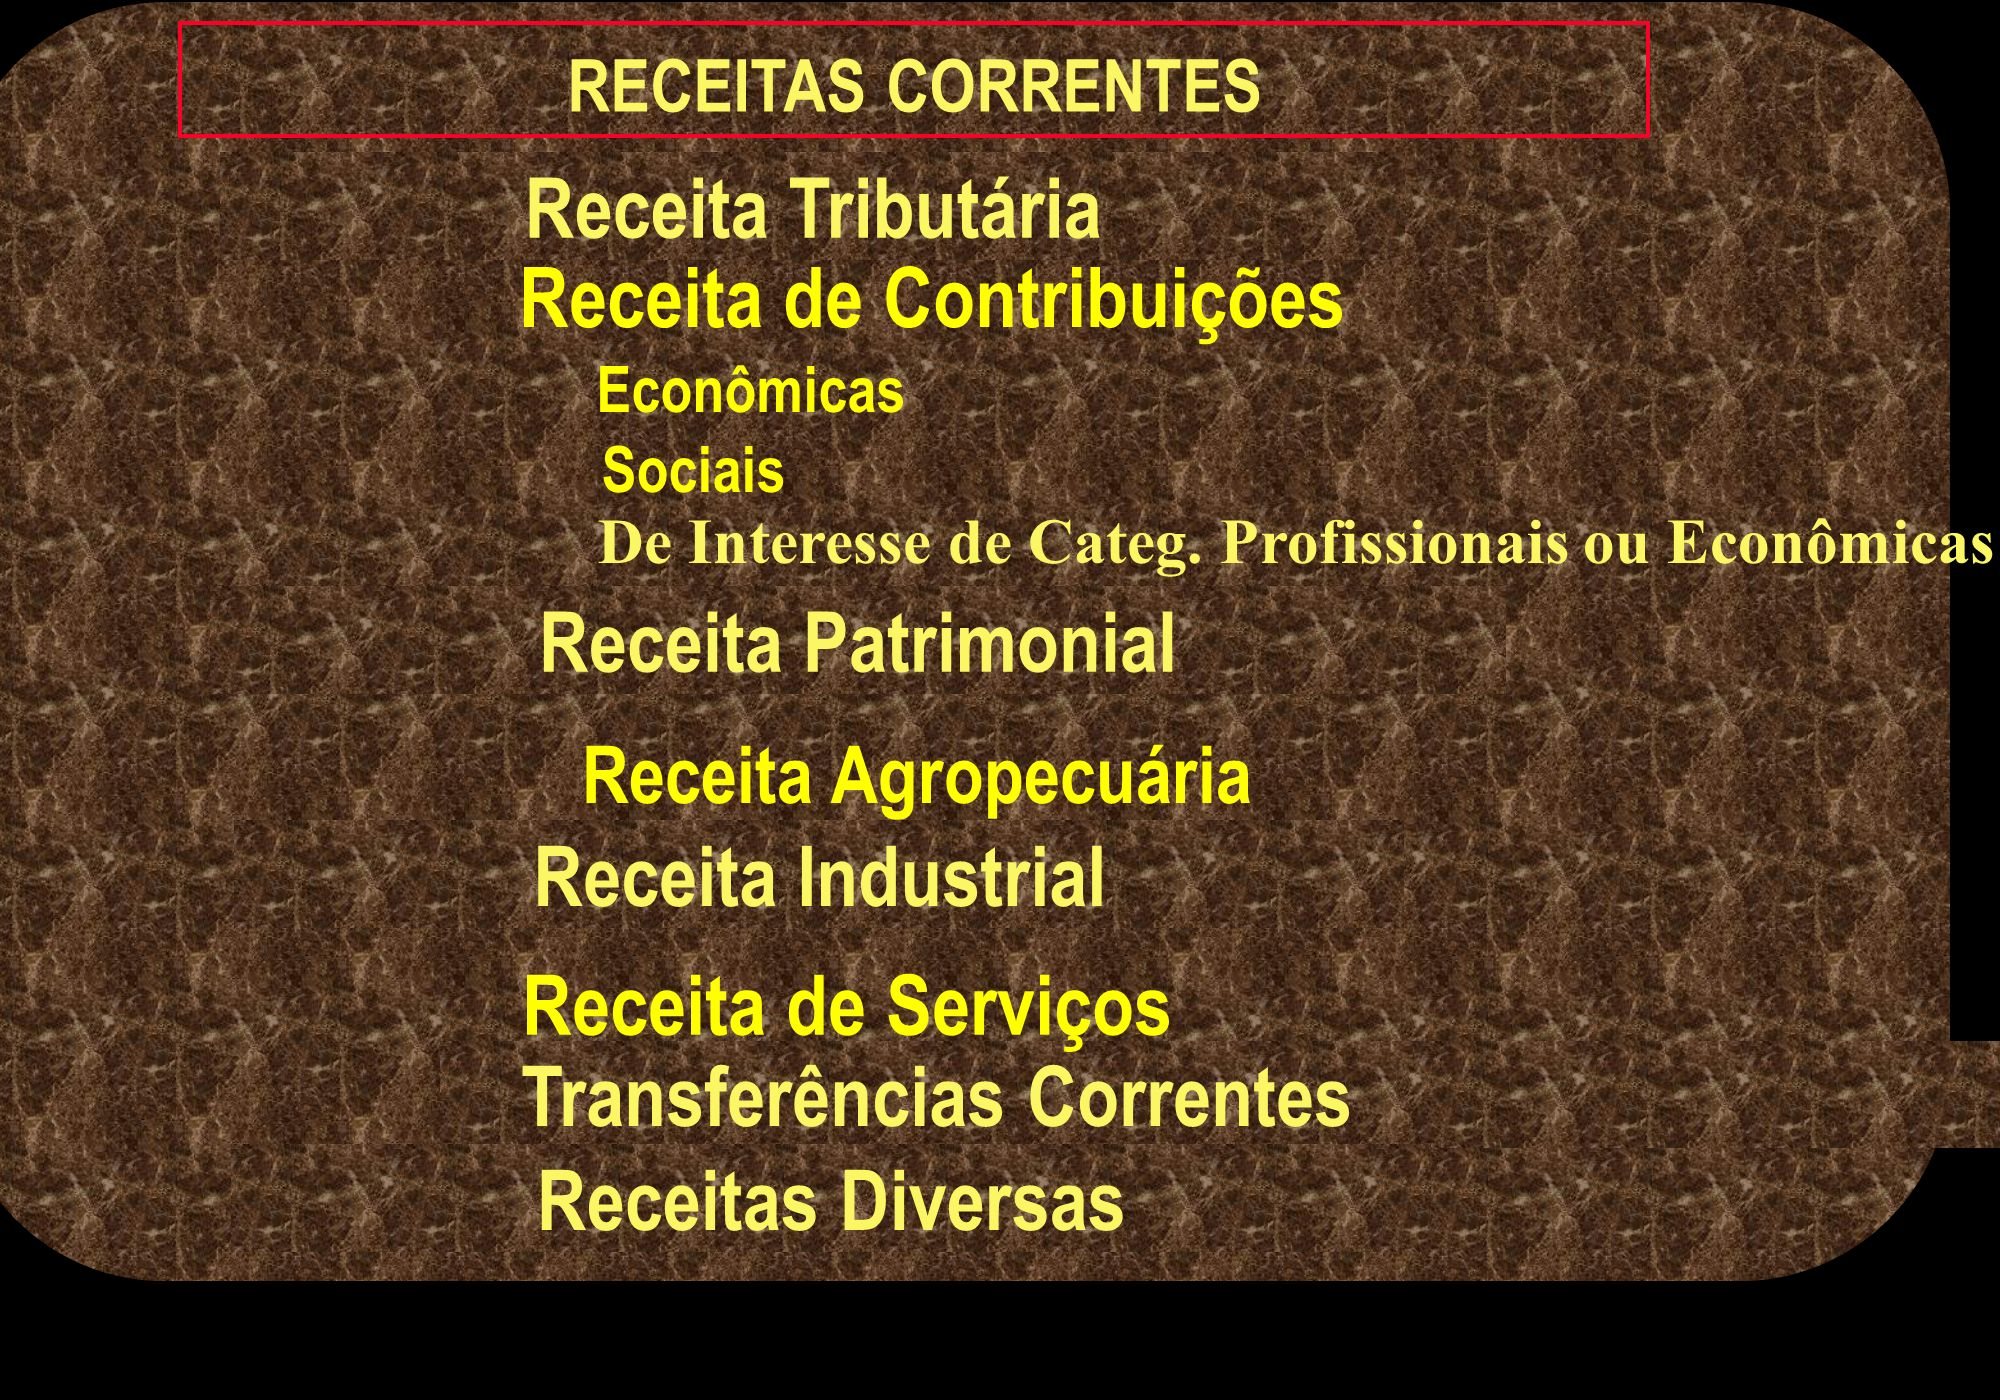 RECEITAS CORRENTES Receita Tributária Receita Patrimonial Receita Industrial Transferências Correntes Receitas Diversas Receita de Serviços Receita de